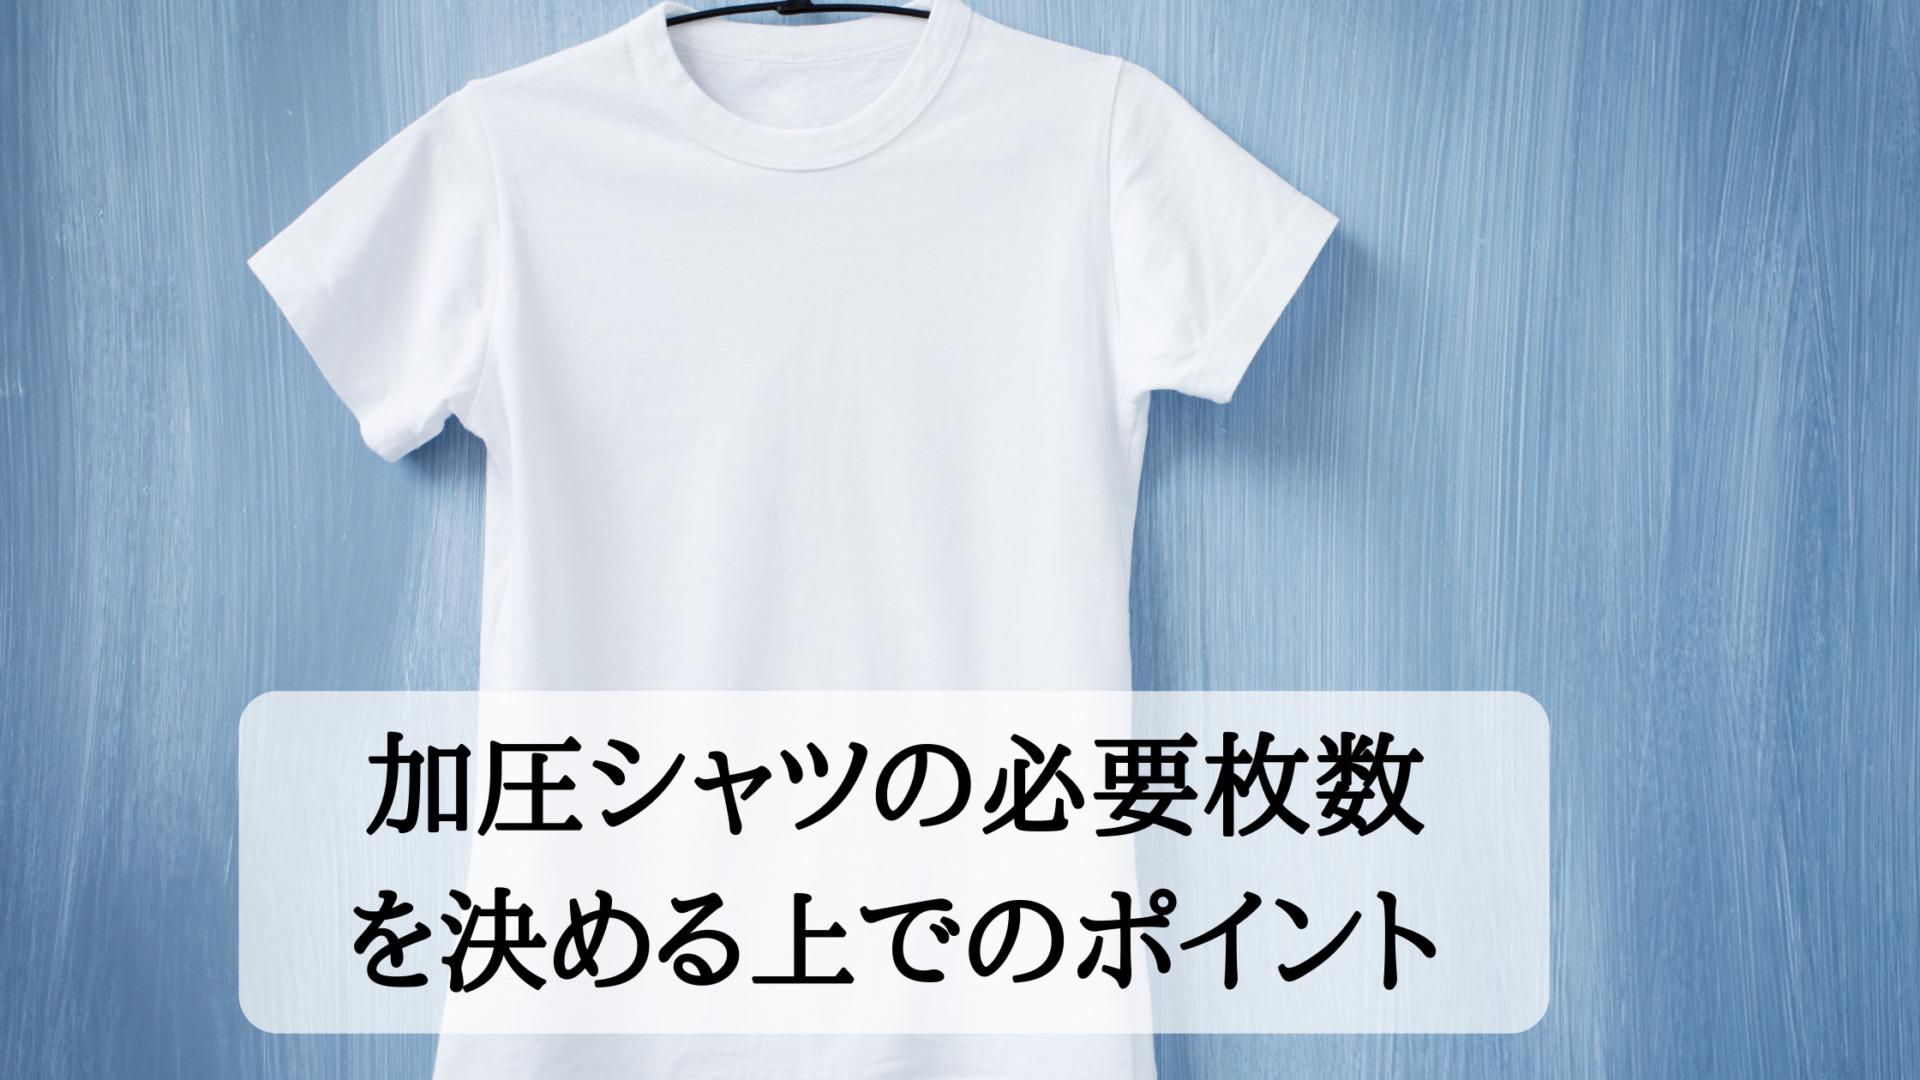 加圧シャツの必要枚数を決める上でのポイント